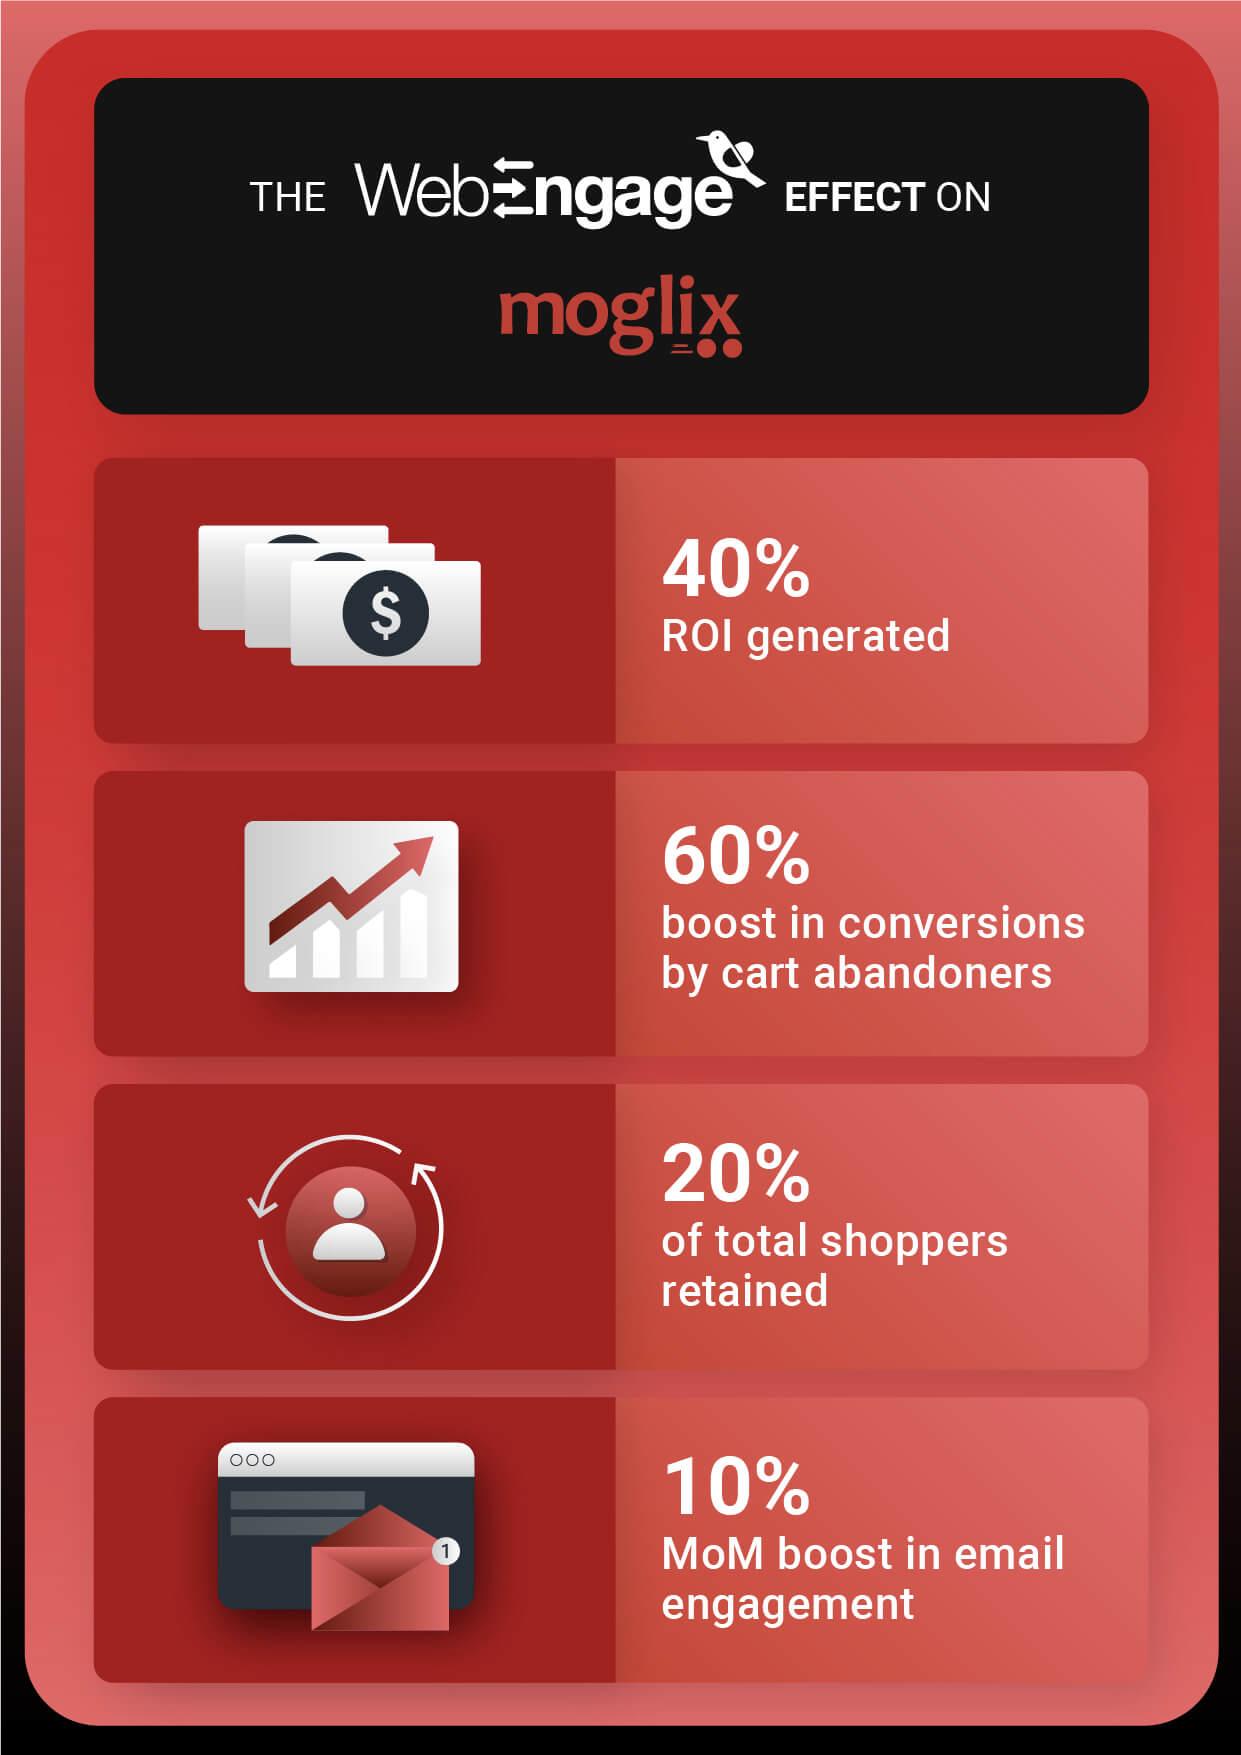 The WebEngage effect on Moglix